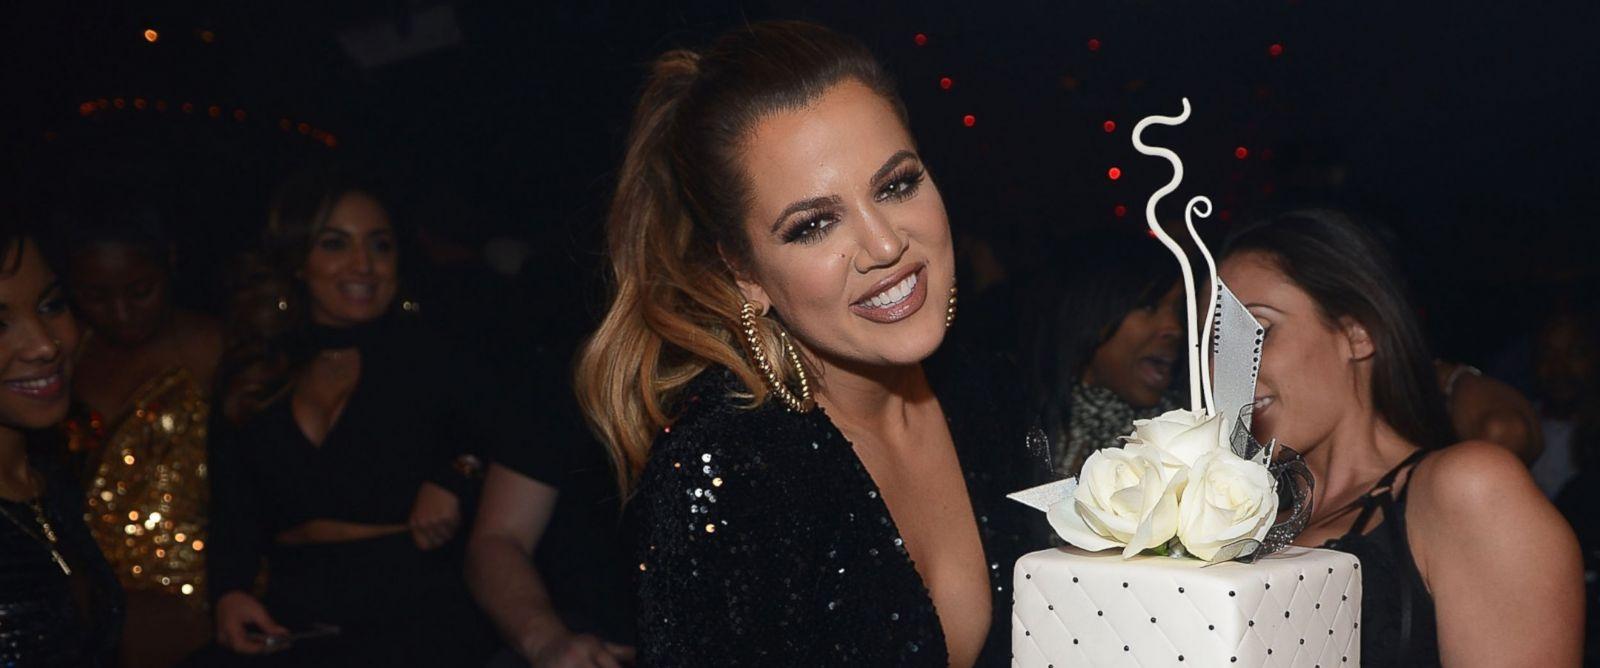 PHOTO: Khloe Kardashian hosts at 1 OAK Nightclub at the Mirage Las Vegas Dec. 30, 2014, in Las Vegas.